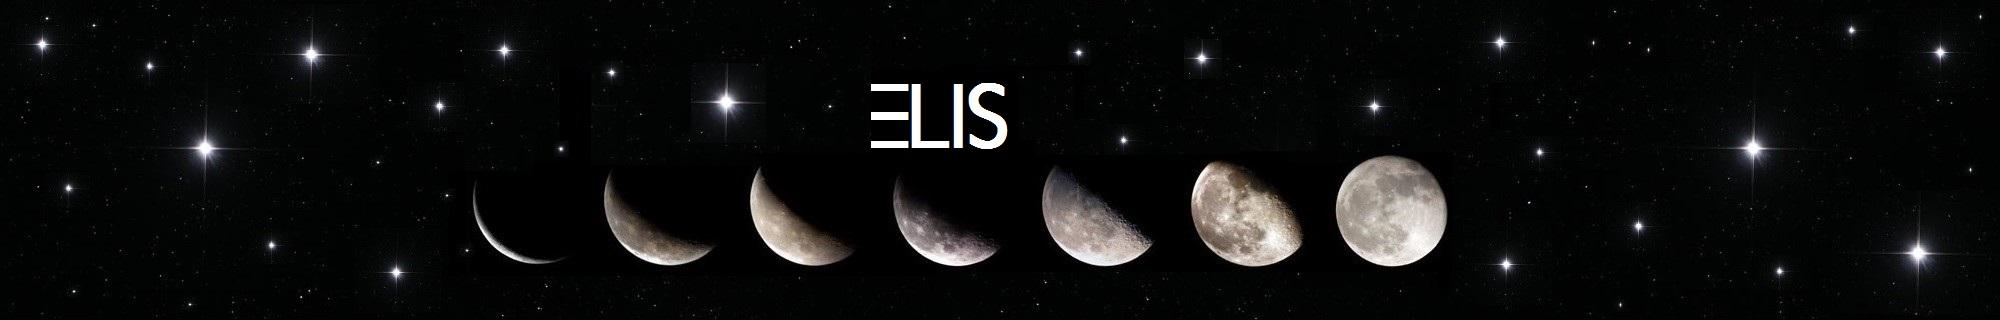 Aplicativo inédito para a DIVULGAÇÃO DA ASTRONOMIA